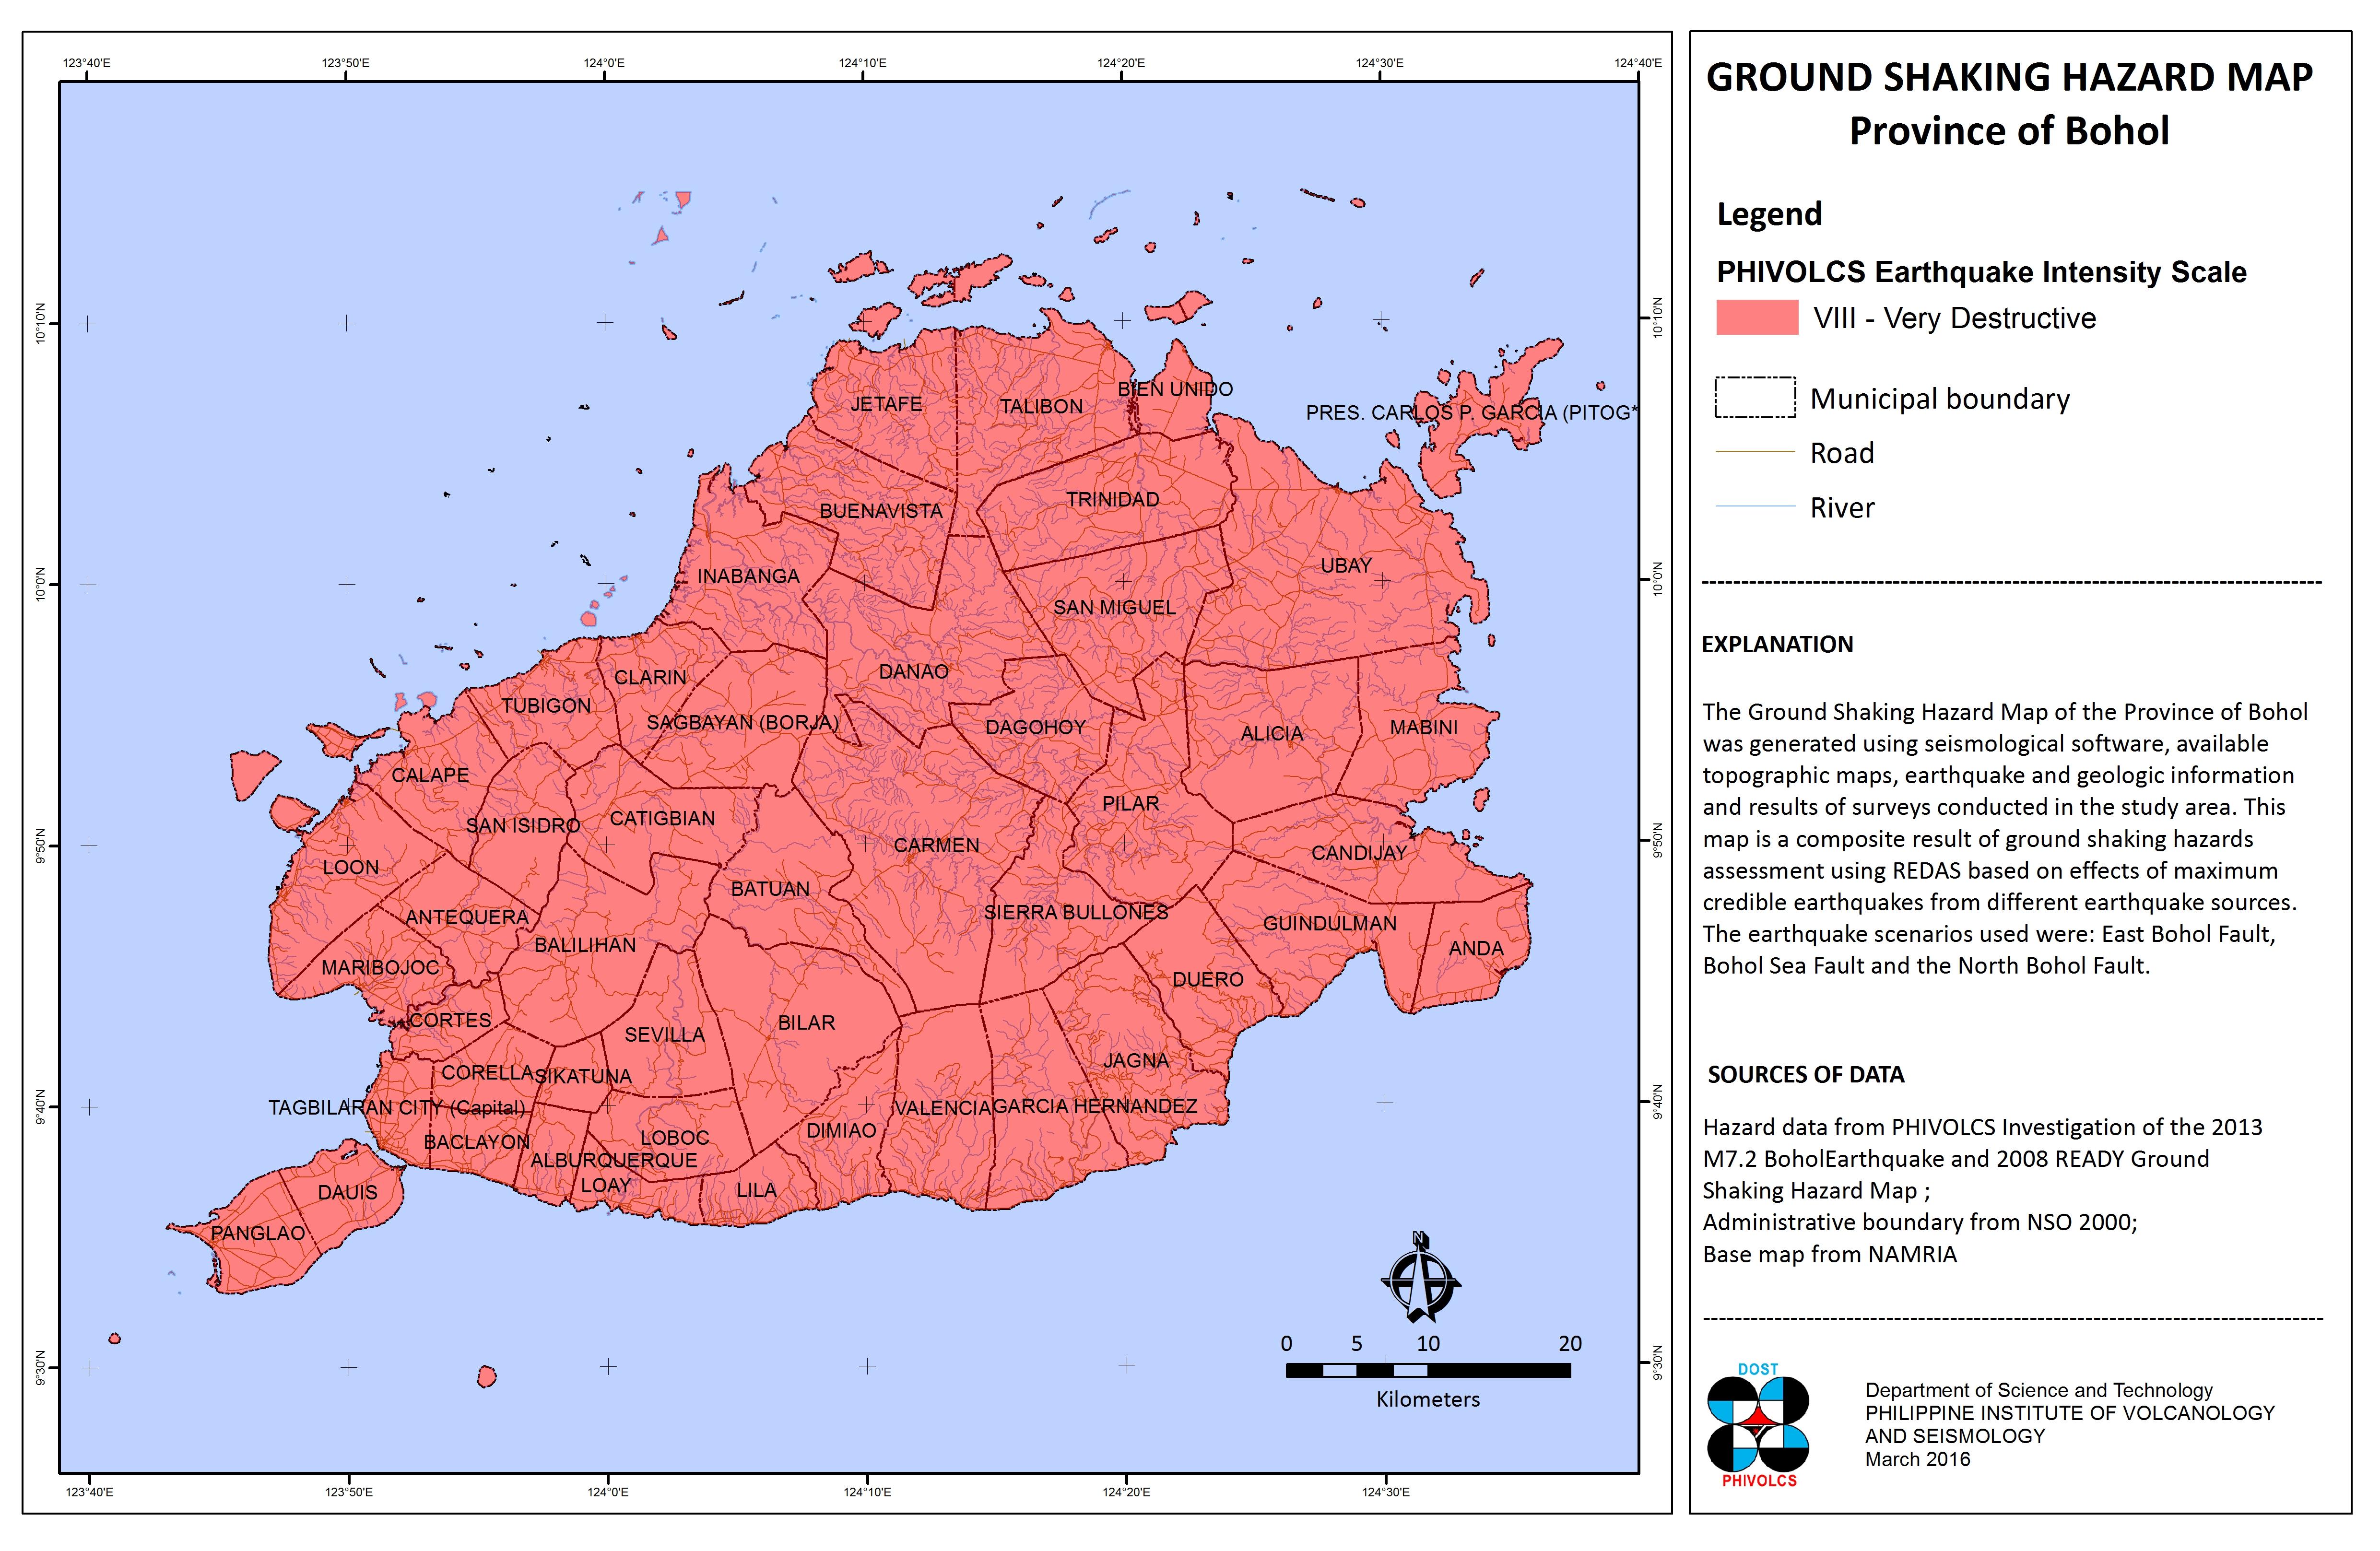 Ground Shaking Hazard Map, 2016 update